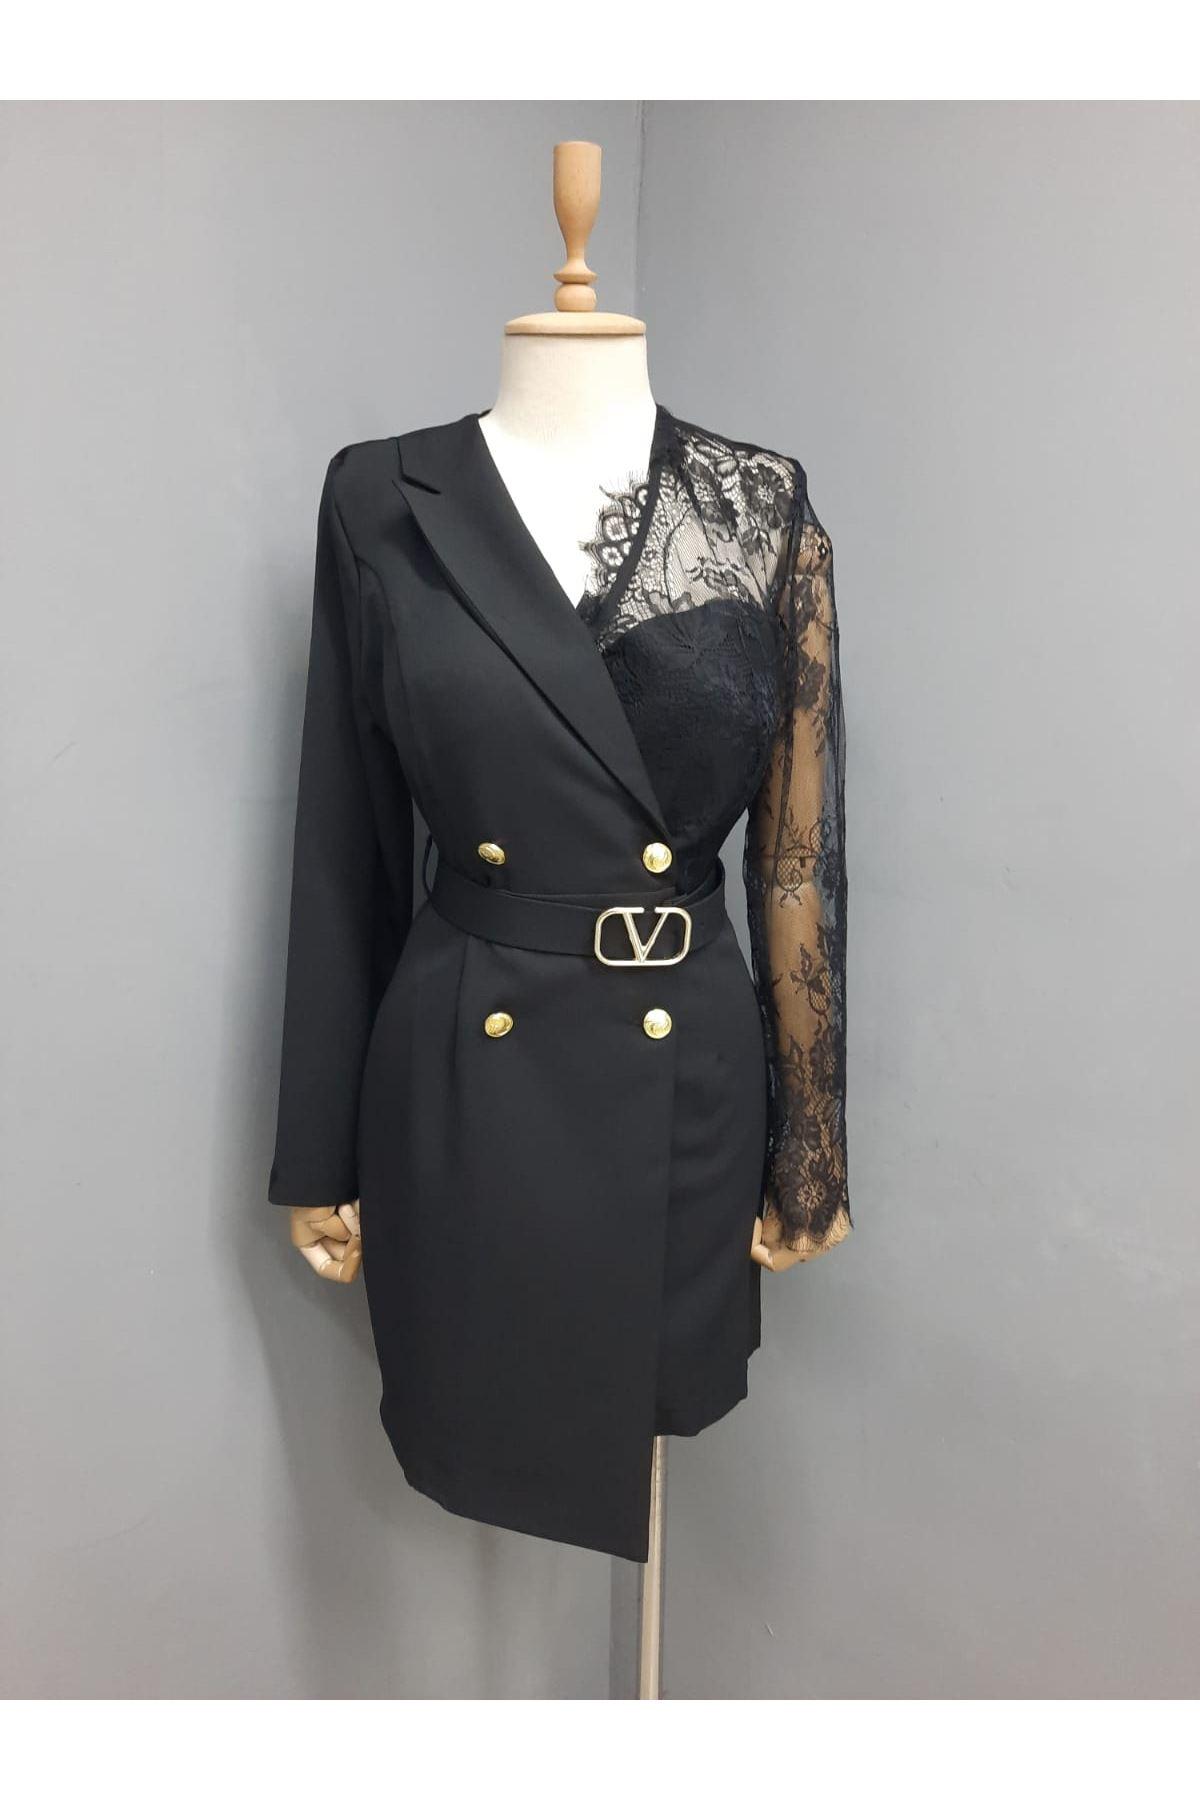 Dantel Detaylı Astarlı Ceket Elbise  - SİYAH